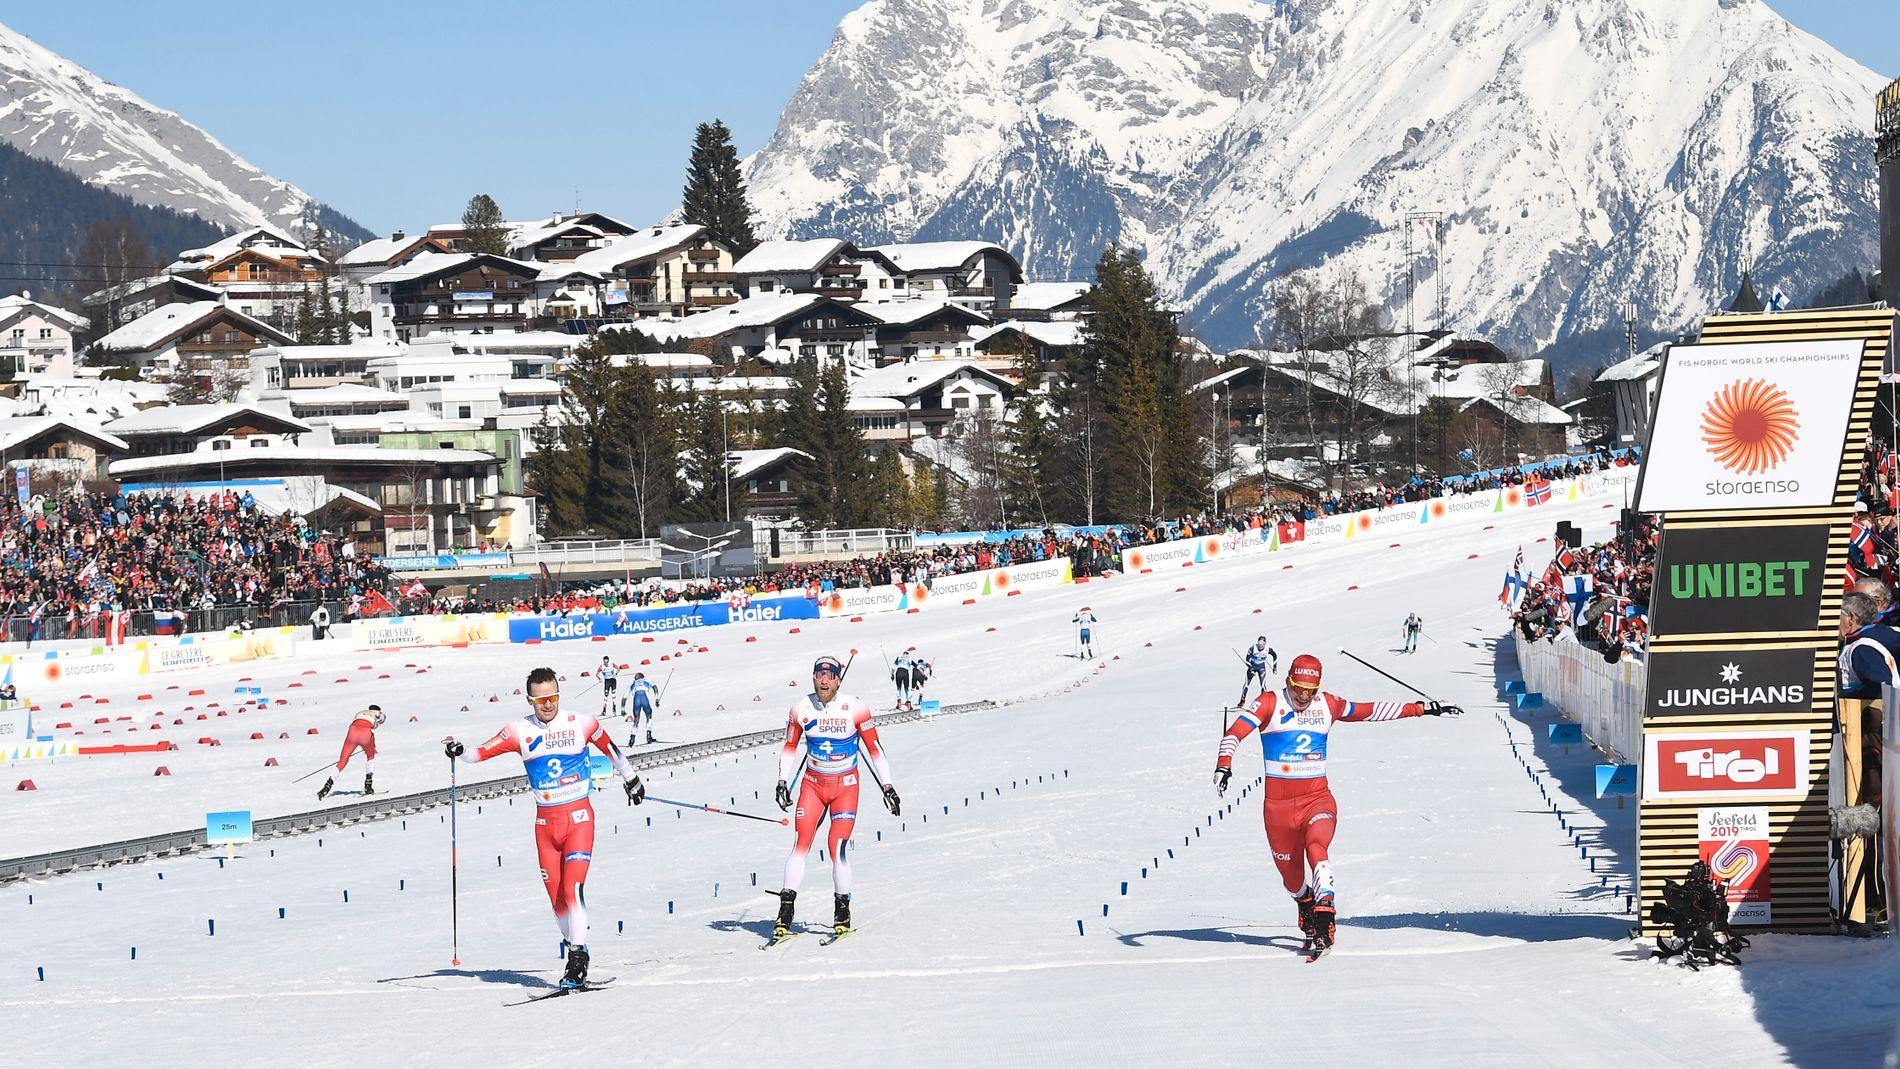 Sjur Røthe går først over mål. Aleksandr Bolsjunov (til høyre) var nær, men ikke nær nok. Martin Johnsrud Sundby ble nummer tre.